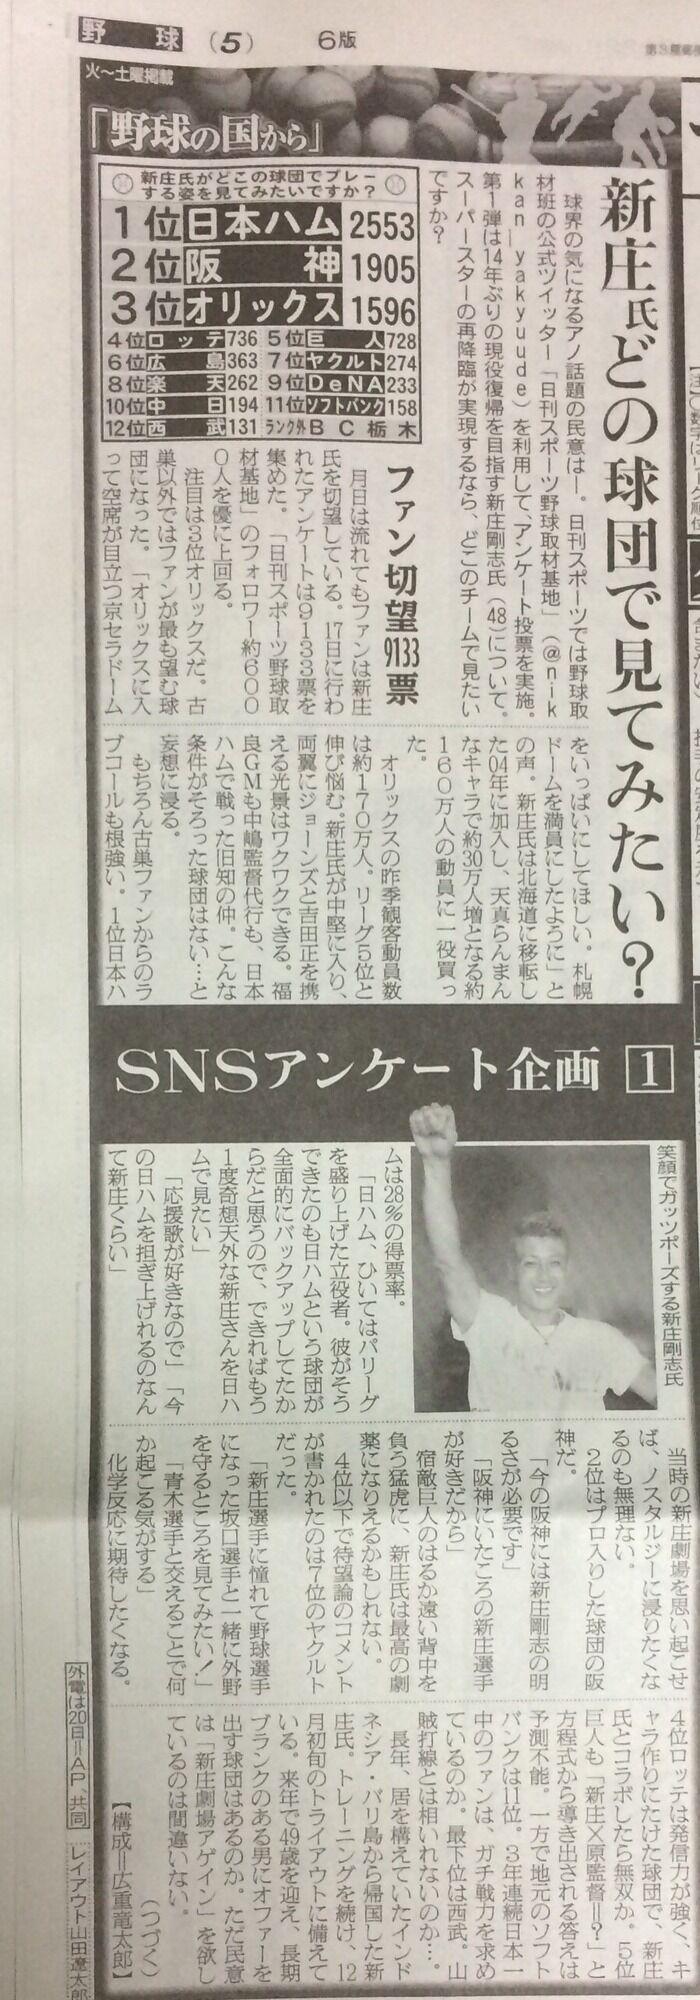 新庄剛志(48)はどの球団でプレーしてほしい?1位日ハム(2553票)2位阪神(1905票)3位オリックス(1596票)